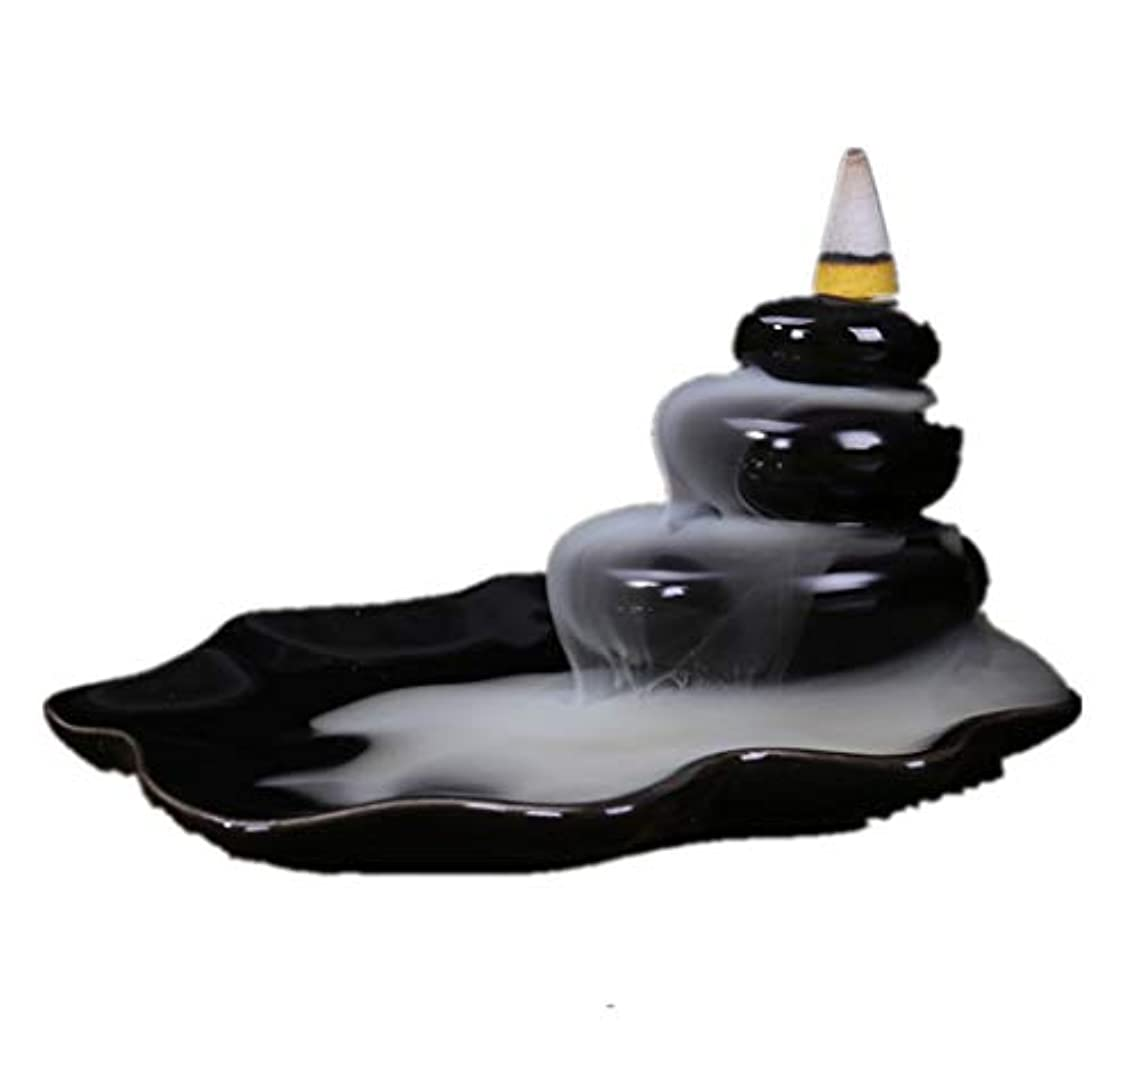 惨めな手書きたまにXPPXPP Backflow Incense Burner, Household Ceramic Returning Cone-shaped Candlestick Burner